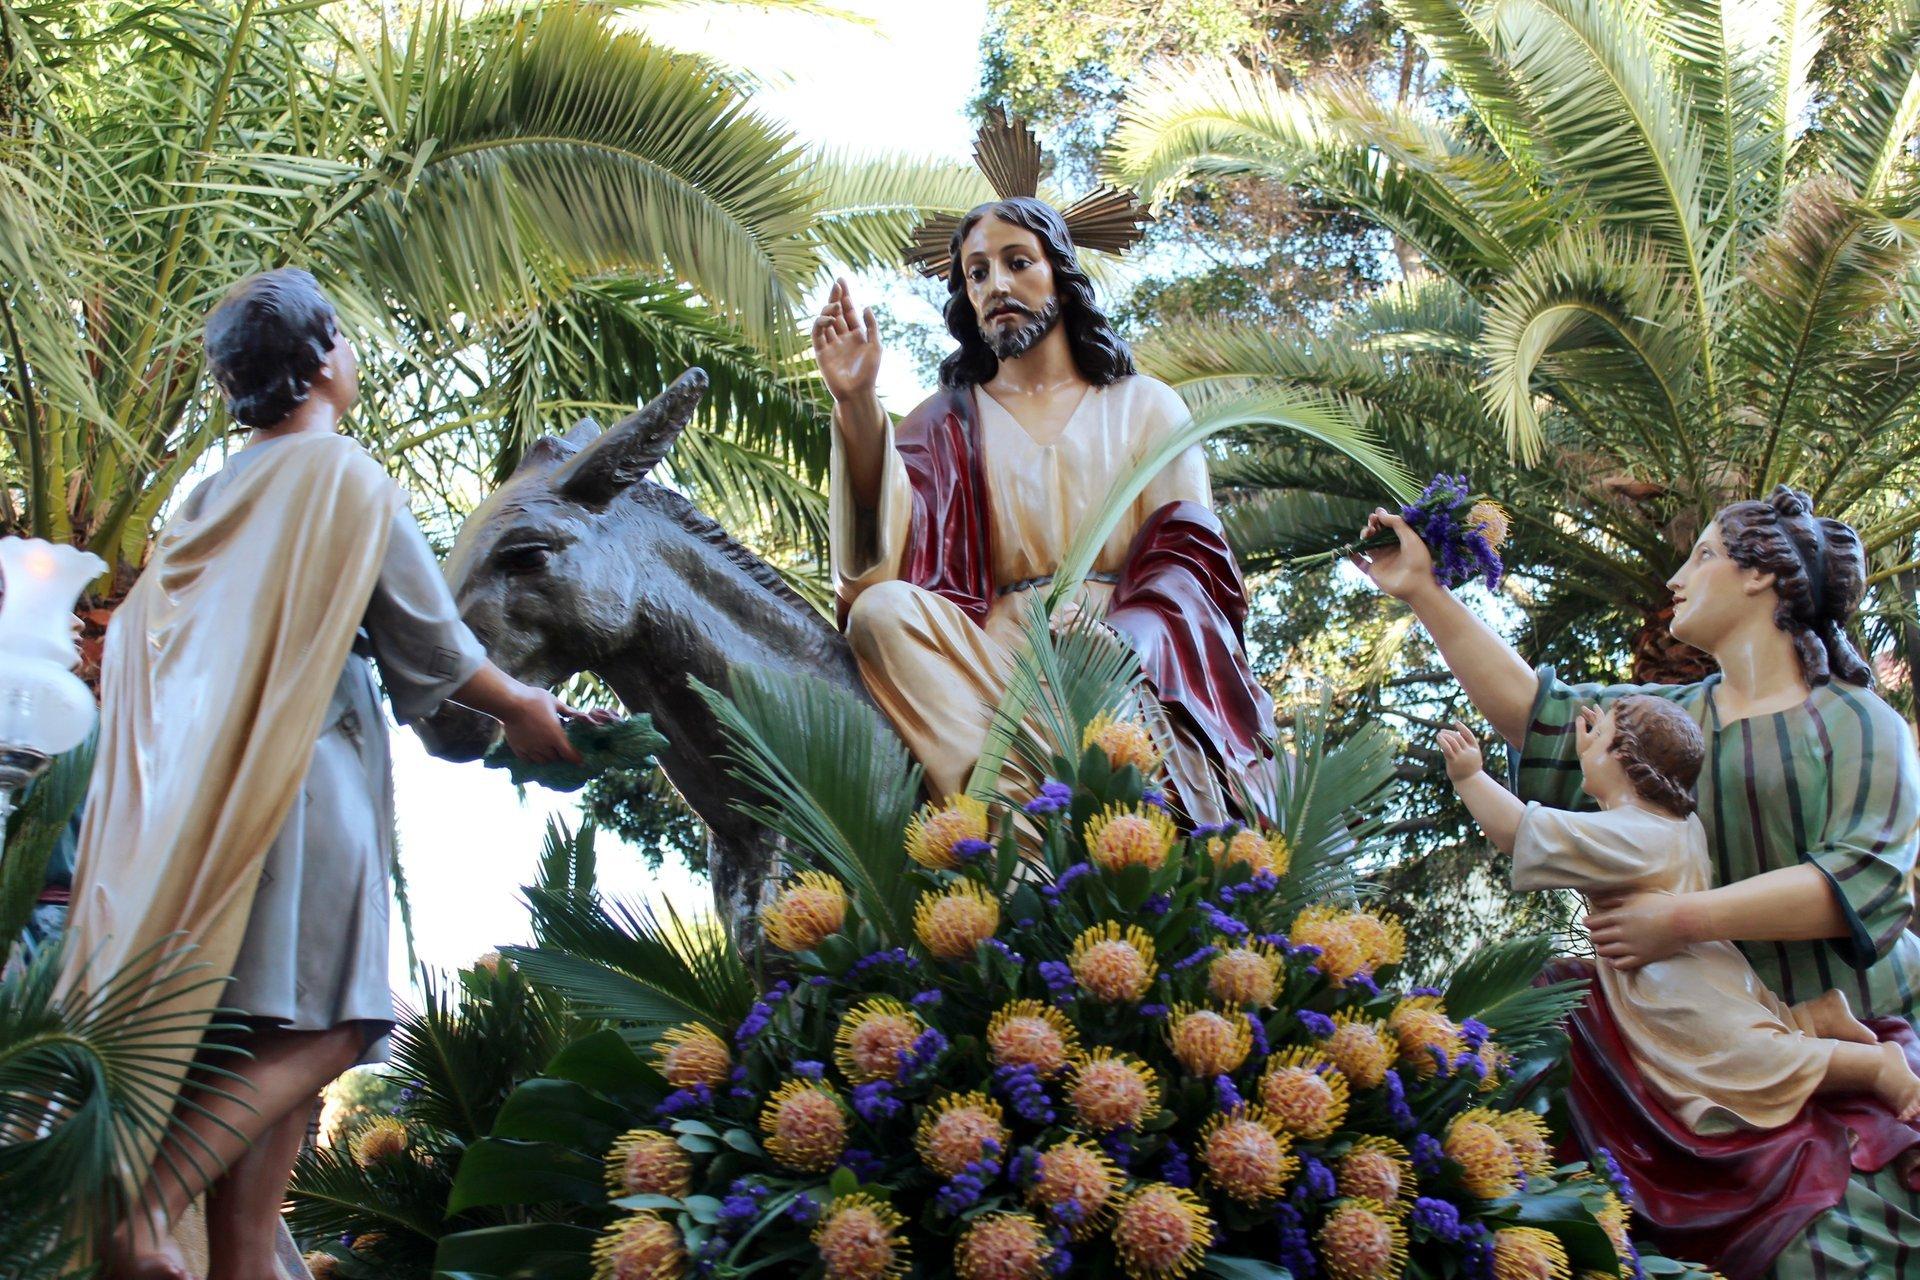 Procesión Magna in Güímar, Viernes Santo (Good Friday) 2020